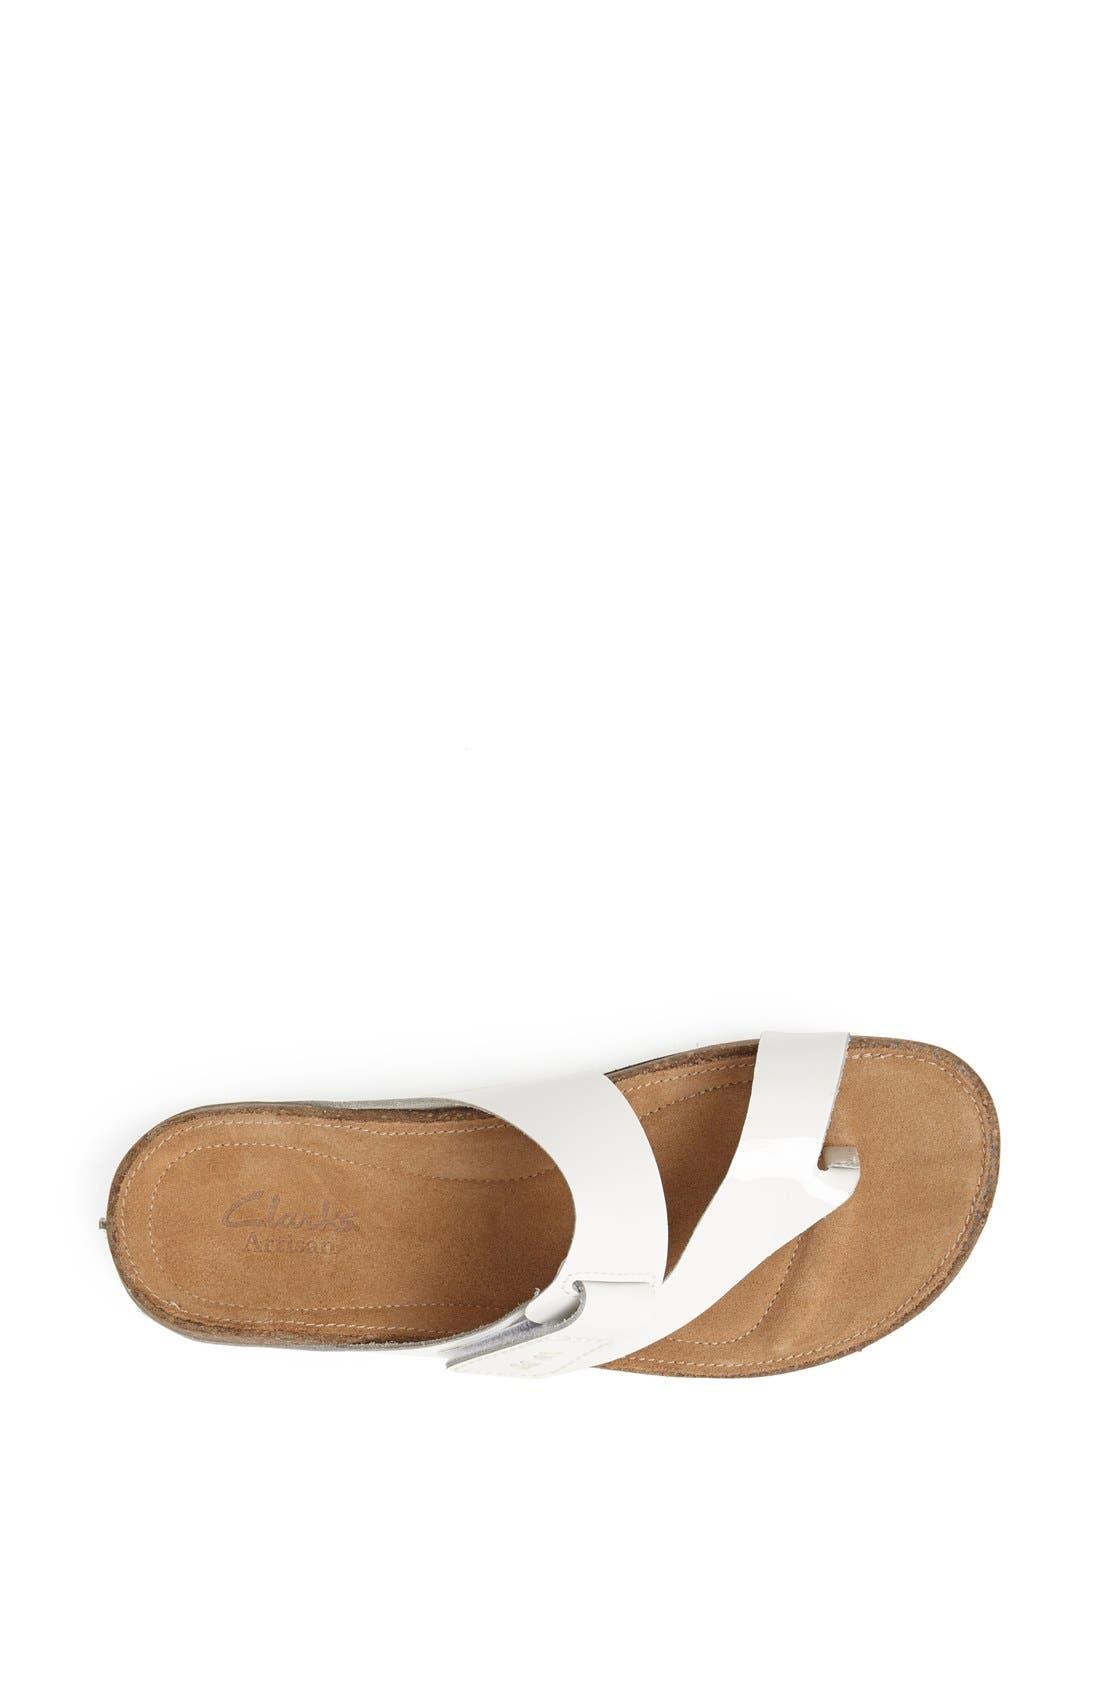 'Perri Coast' Leather Thong Sandal,                             Alternate thumbnail 3, color,                             White Patent